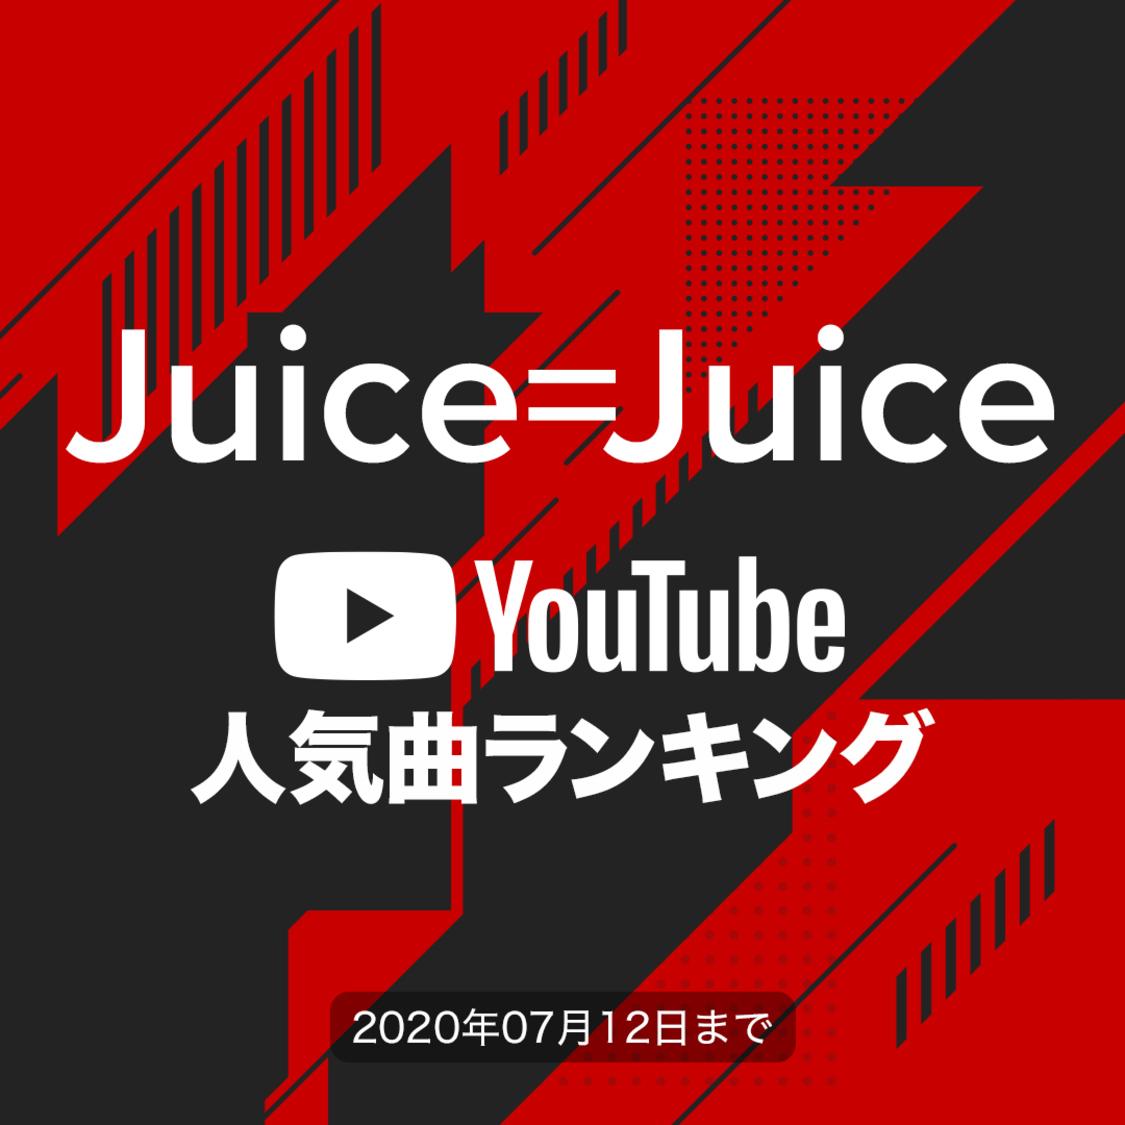 Juice=Juice[YouTube人気曲ランキング]再生回数が1番多い曲は?